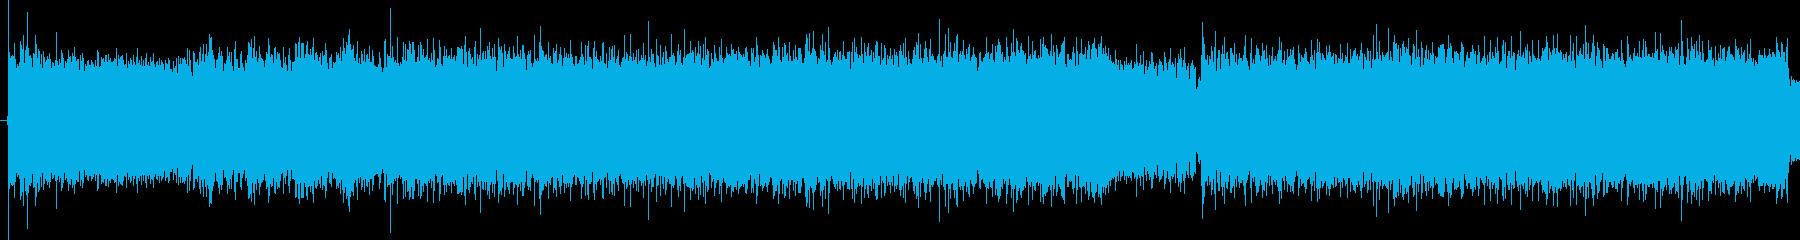 サイケな要素があるRockです。の再生済みの波形